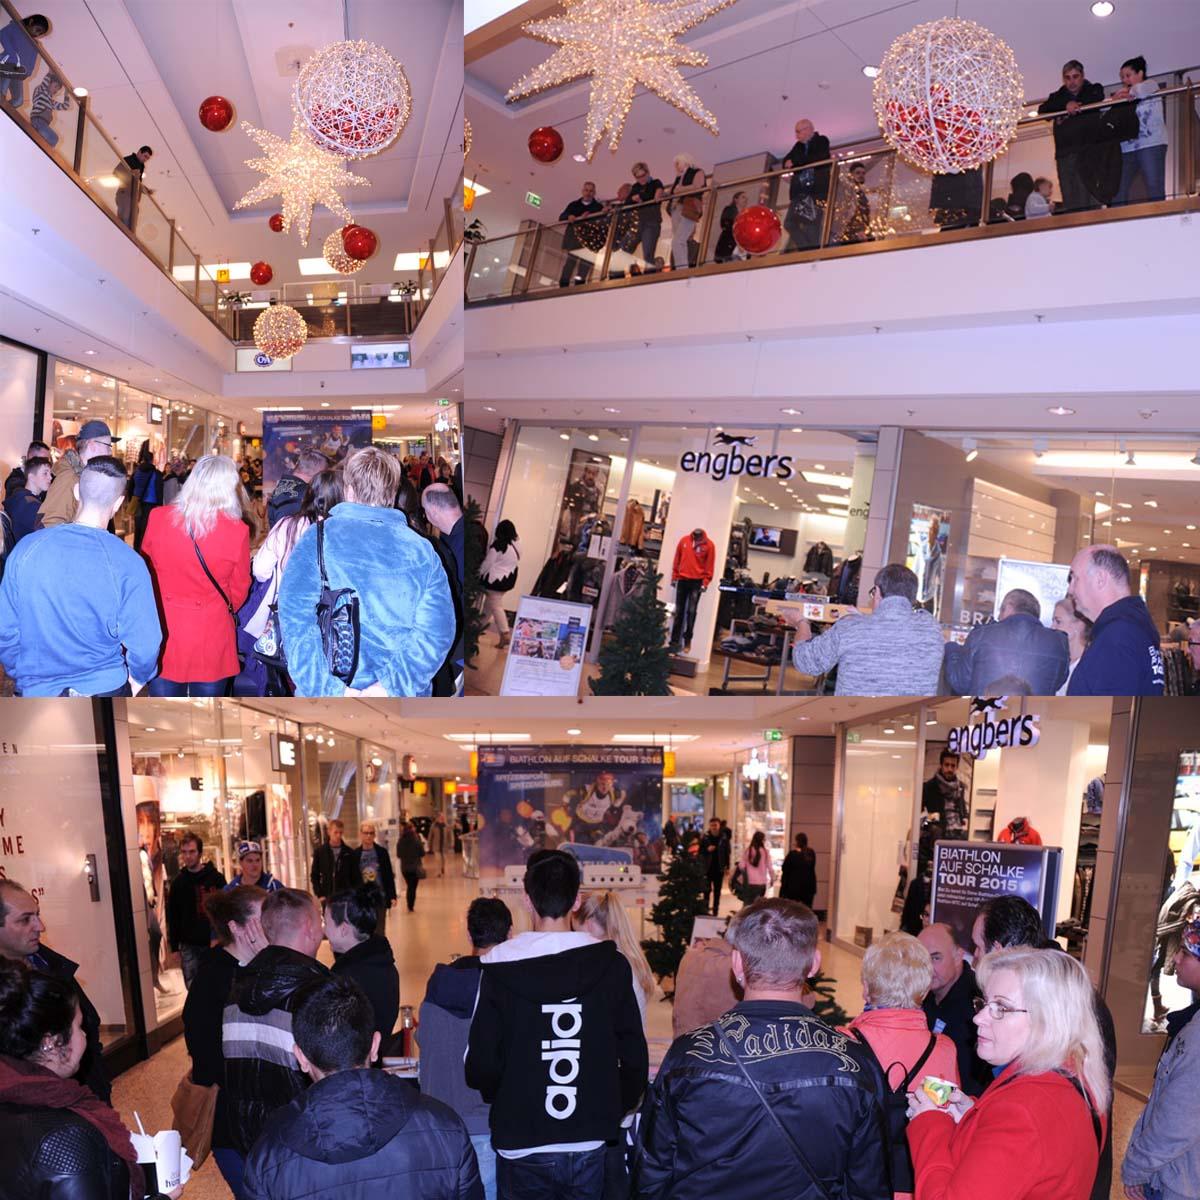 """Als wir am Morgen des 2. Etappentages das Stern-Center betreten, erstrahlt dieses im herrlichen Weihnachtskleid. Nach ersten Weihnachtseinkäufen scheint auch den Besuchern zu behagen, denn nicht weniger als 30.000 strömten an diesem Samstag lt. Centermanagement durch das Einkaufszentrum. Darunter viele geduldige Biathlon-Schnupperer, die teilweise in 5er-Reihen anstanden und Wartezeiten von bis zu 20 Minuten in Kauf nahmen, um das Biathlongewehr einmal selbst in die Hände zu bekommen. Mit Biathletin Marina Pick und Sportschütze Klaus Kremer standen den Neugierigen zwei hochkompetente Coaches zur Verfügung, die immer wieder auch mal selbst zum Gewehr griffen, um ihre Empfehlungen mit Trefferserien zu untermauern. Die """"Blitzduelle"""" der beiden zogen immer wieder reichlich Zuschauer an."""